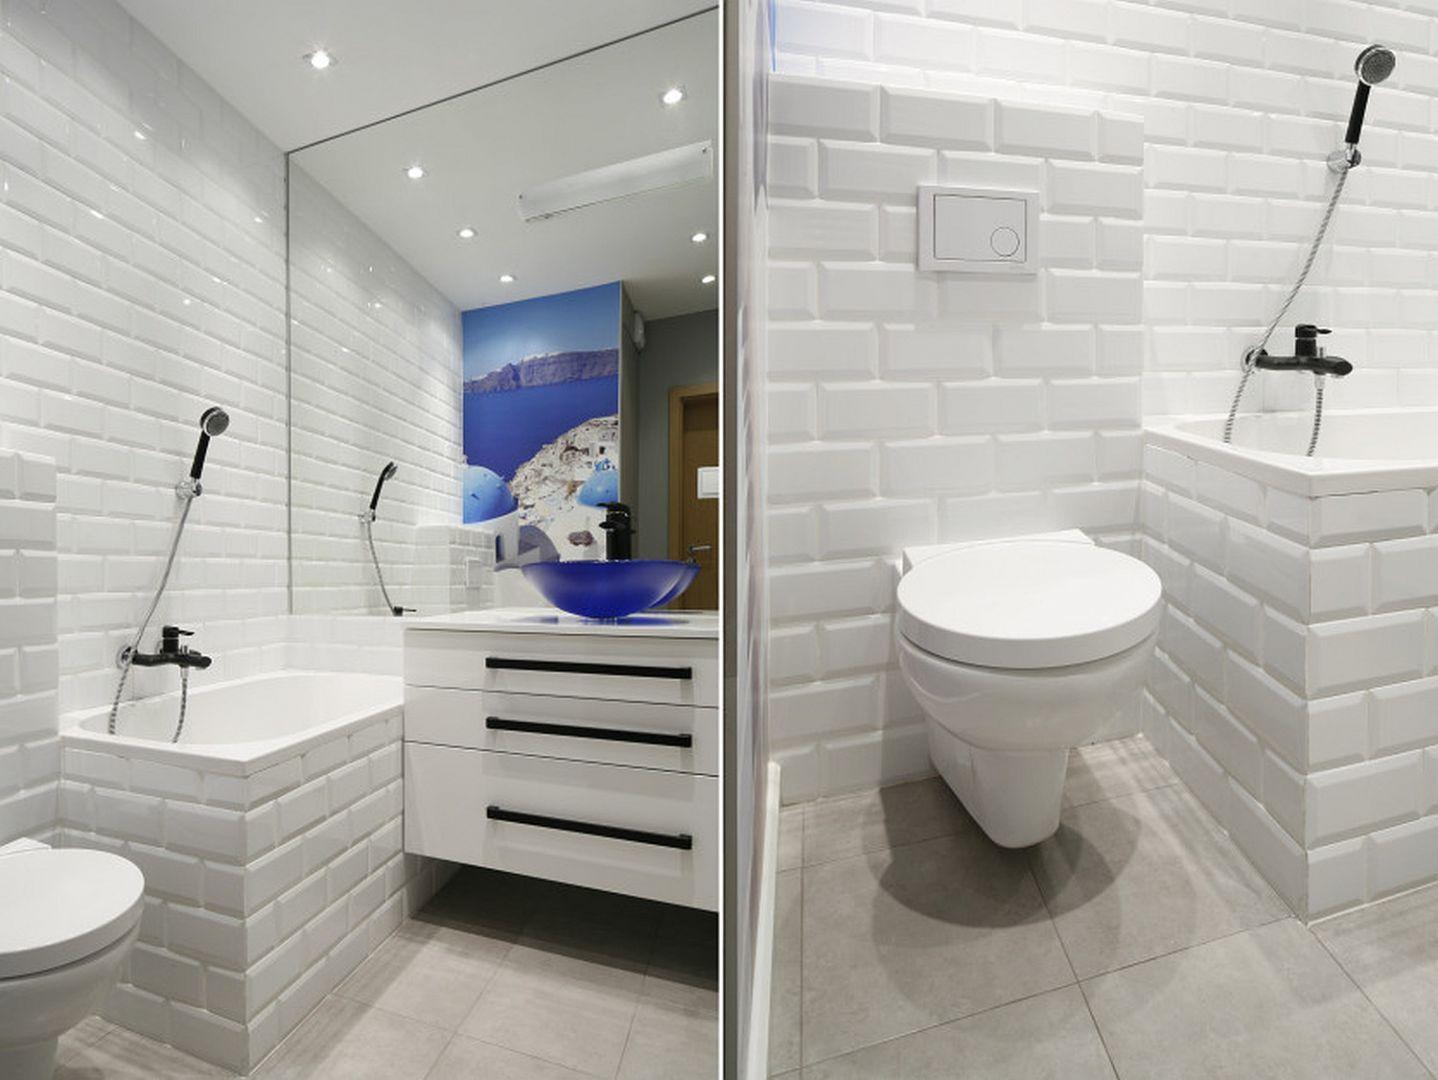 Duże Lustro I Wszechobecna Bieli Sprawiają że łazienka